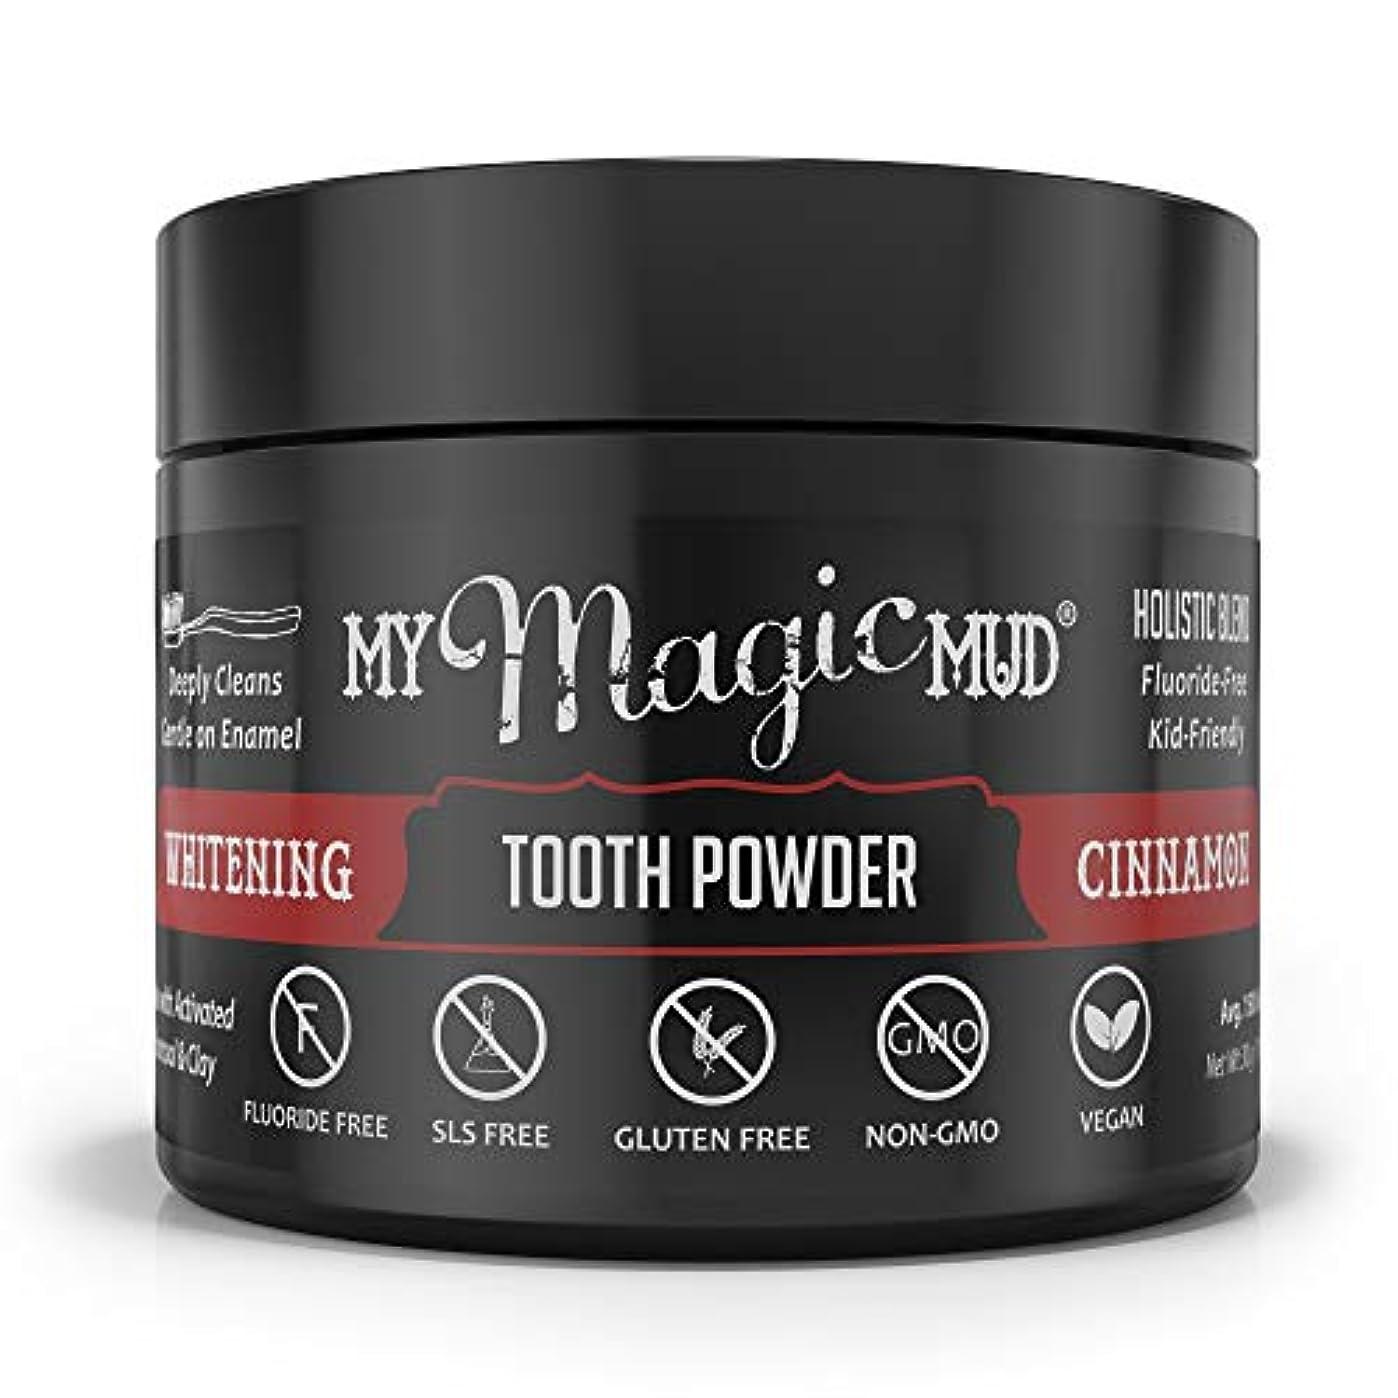 抑圧する動機付けるかごMy Magic Mud Activated Charcoal Whitening Tooth Powder - Cinnamon 30g/1.06oz並行輸入品